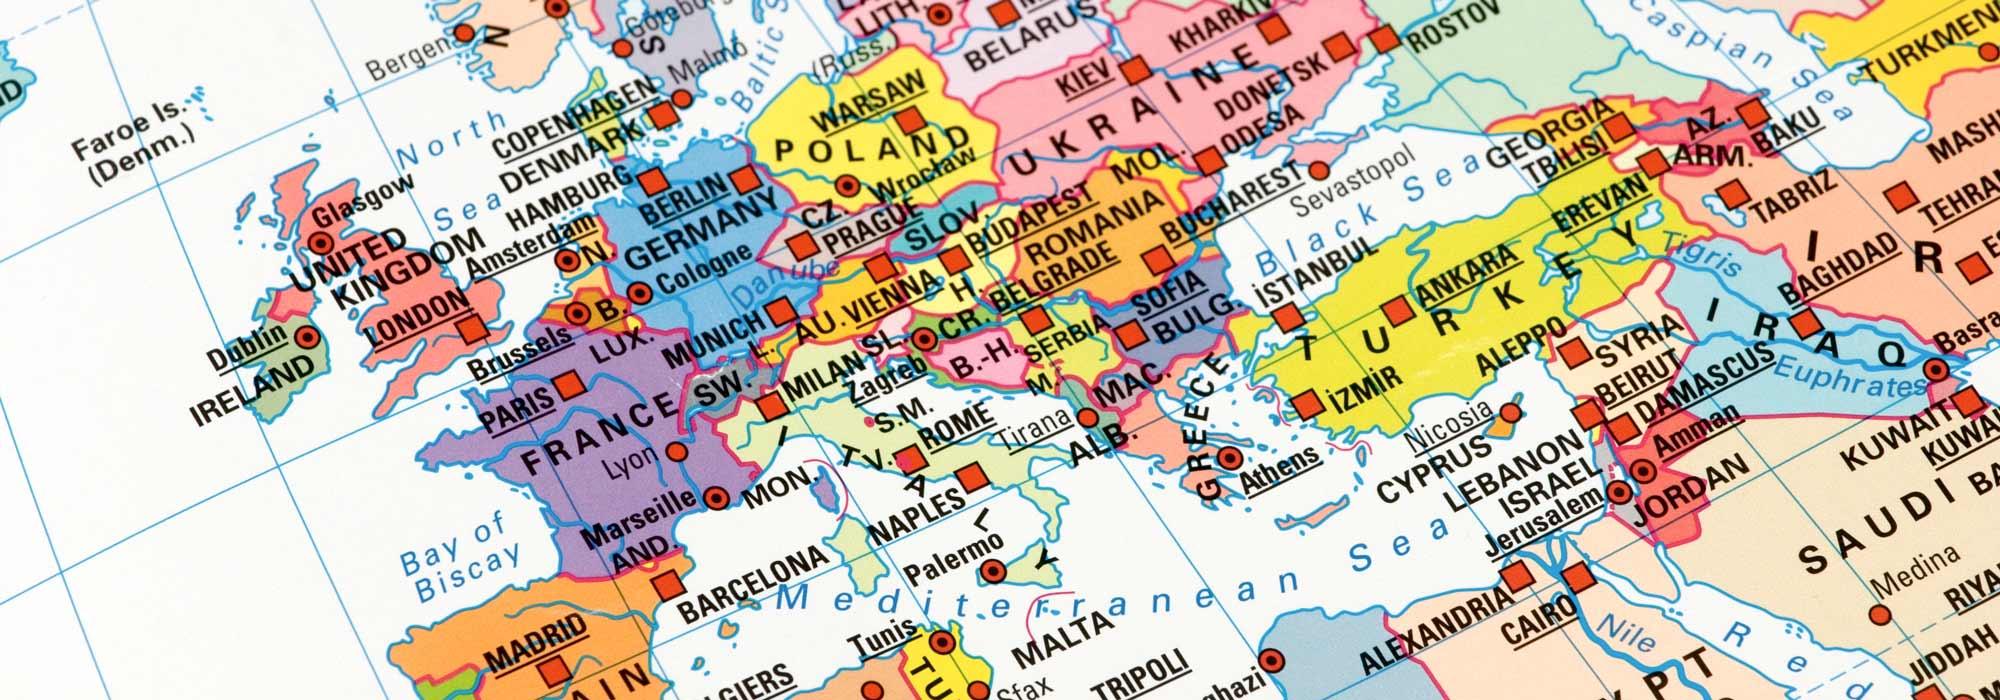 europå braender